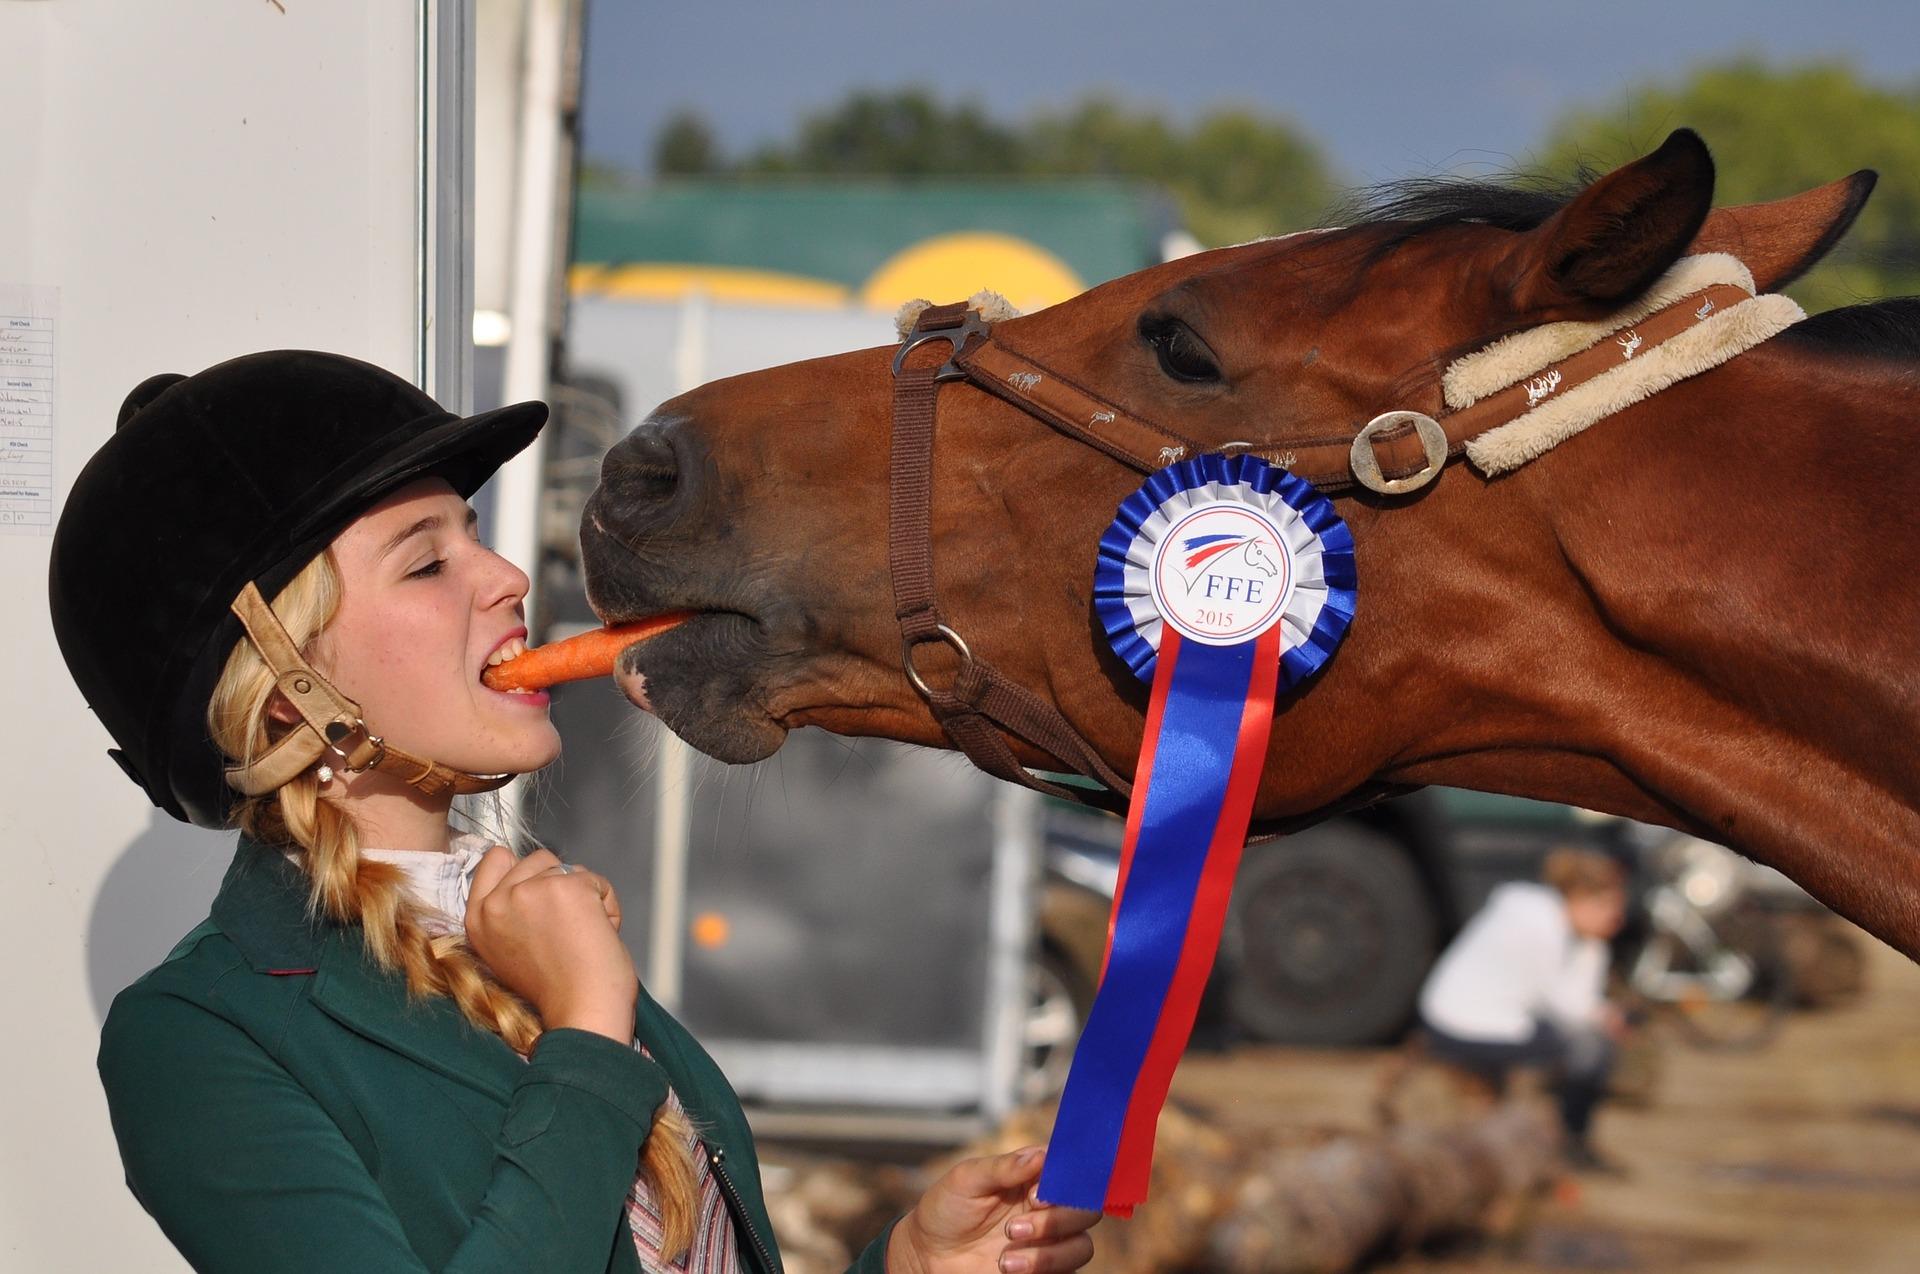 Horse rider shared after winning match